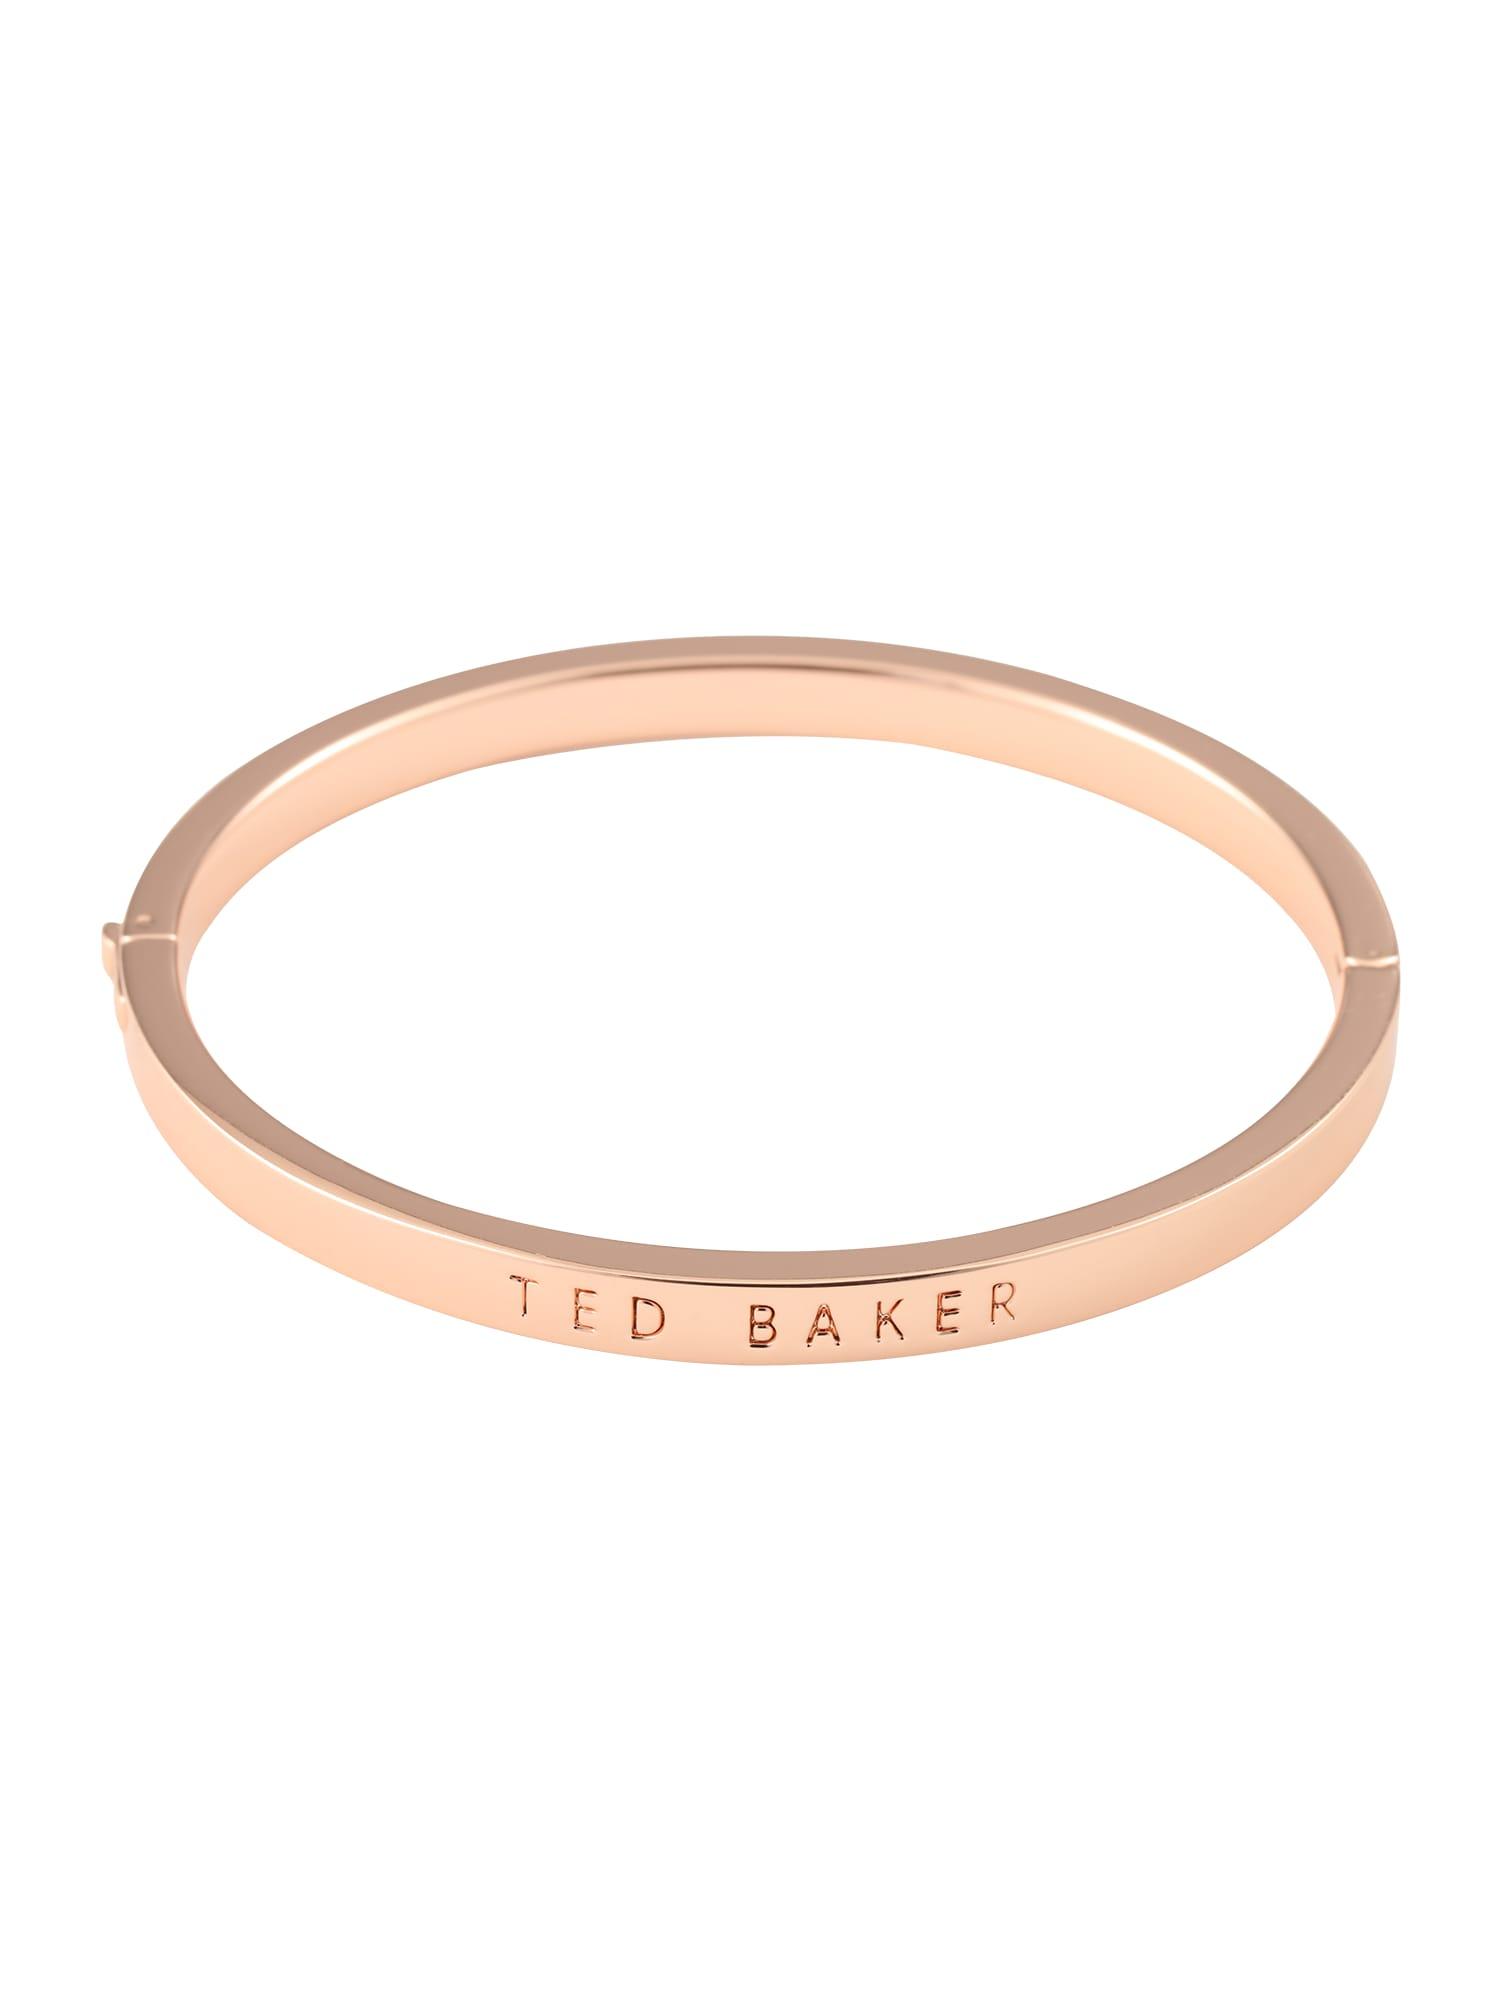 Damen Ted Baker Ring 'CLEMINA: HINGE METALLIC BANGLE' gold | 05055336349403